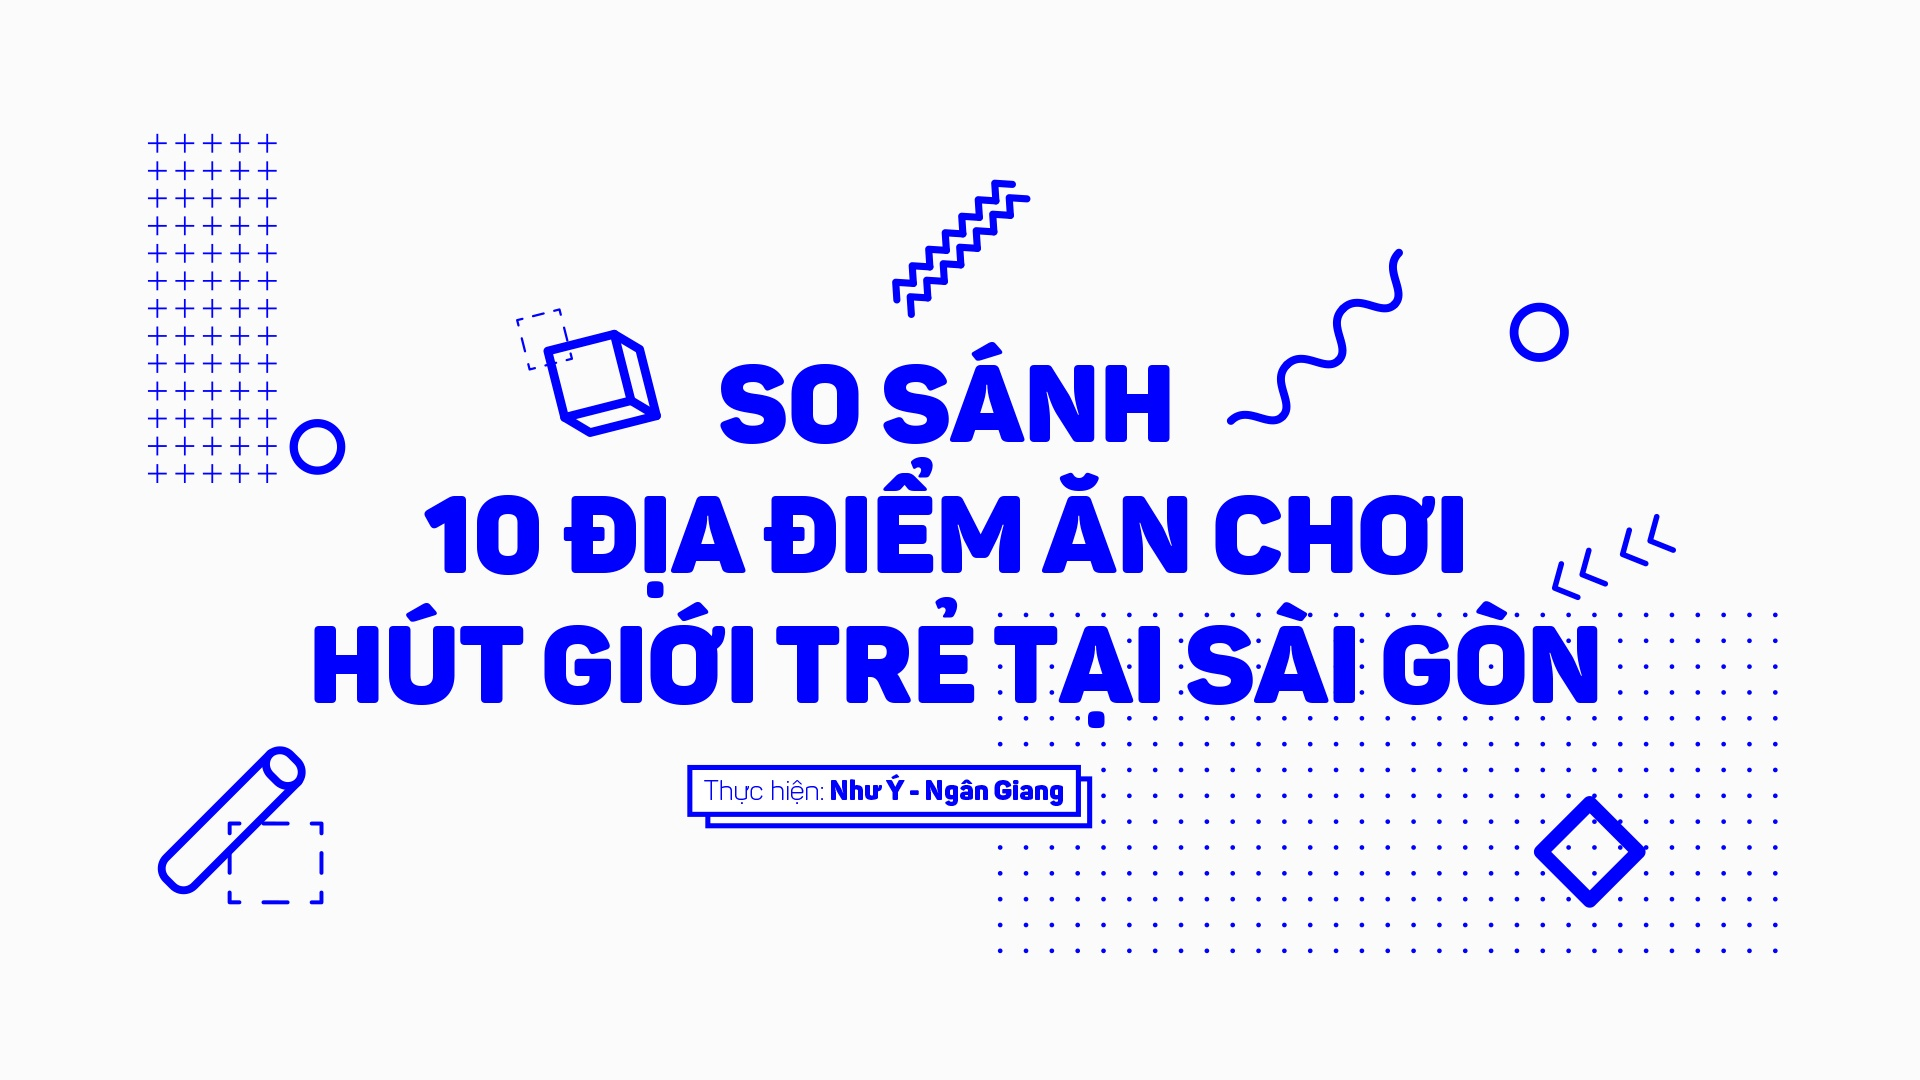 So sanh 10 dia diem an choi hut gioi tre tai Sai Gon hinh anh 1